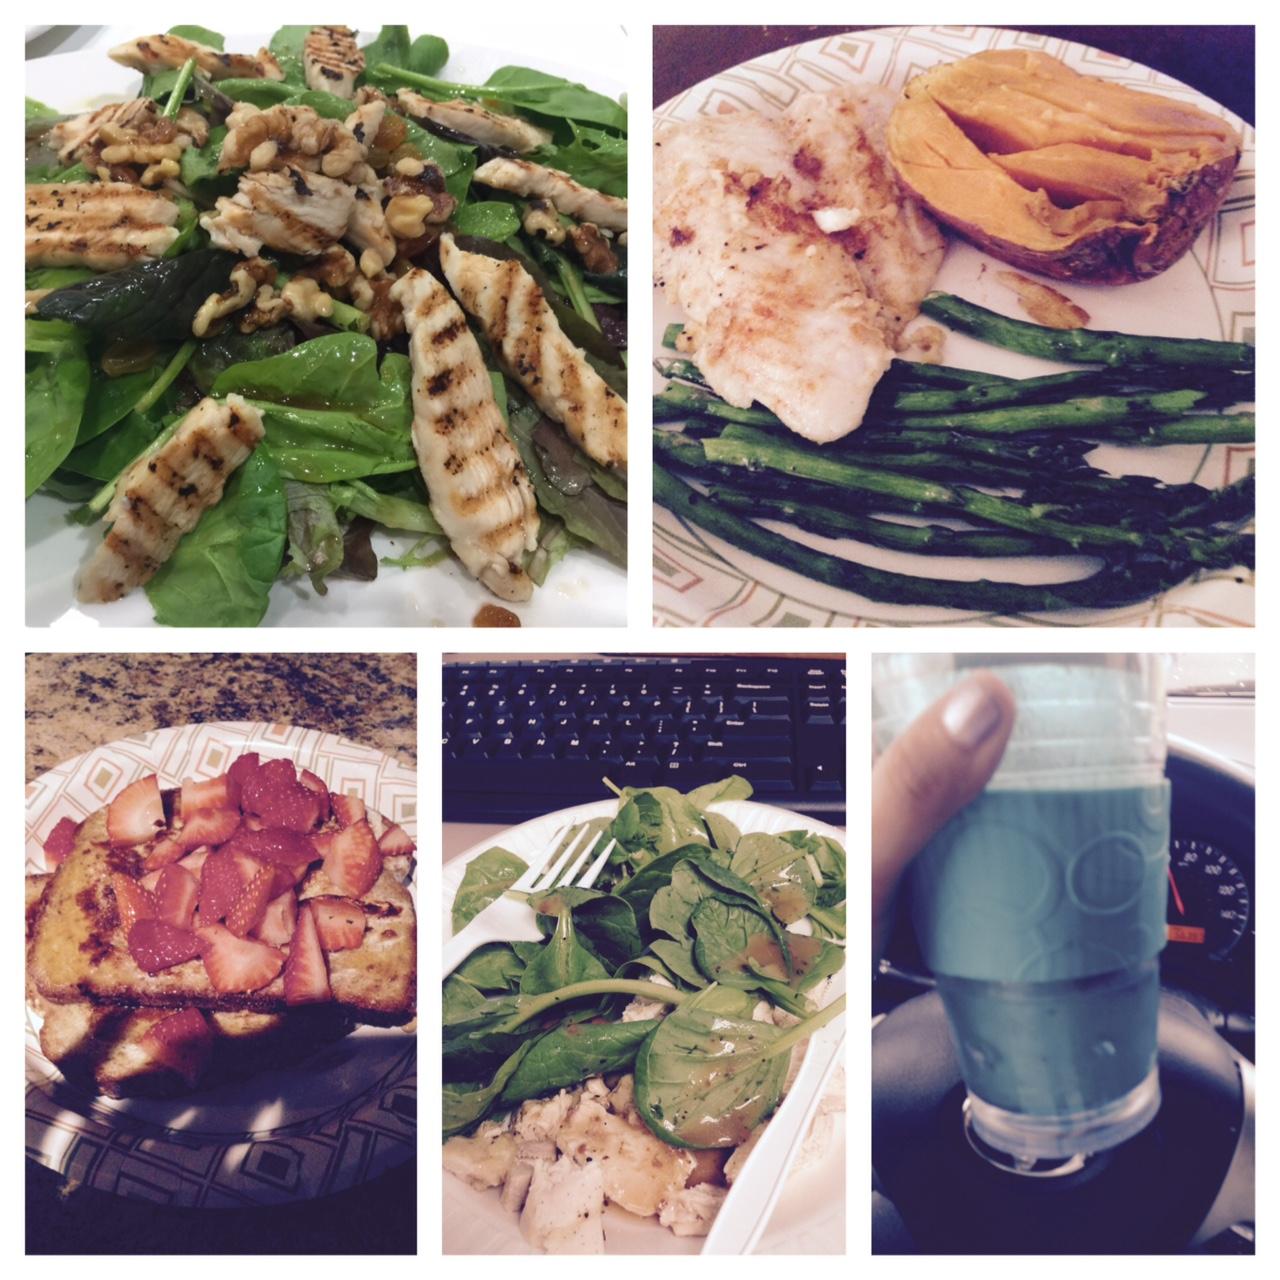 Food the last 3 days